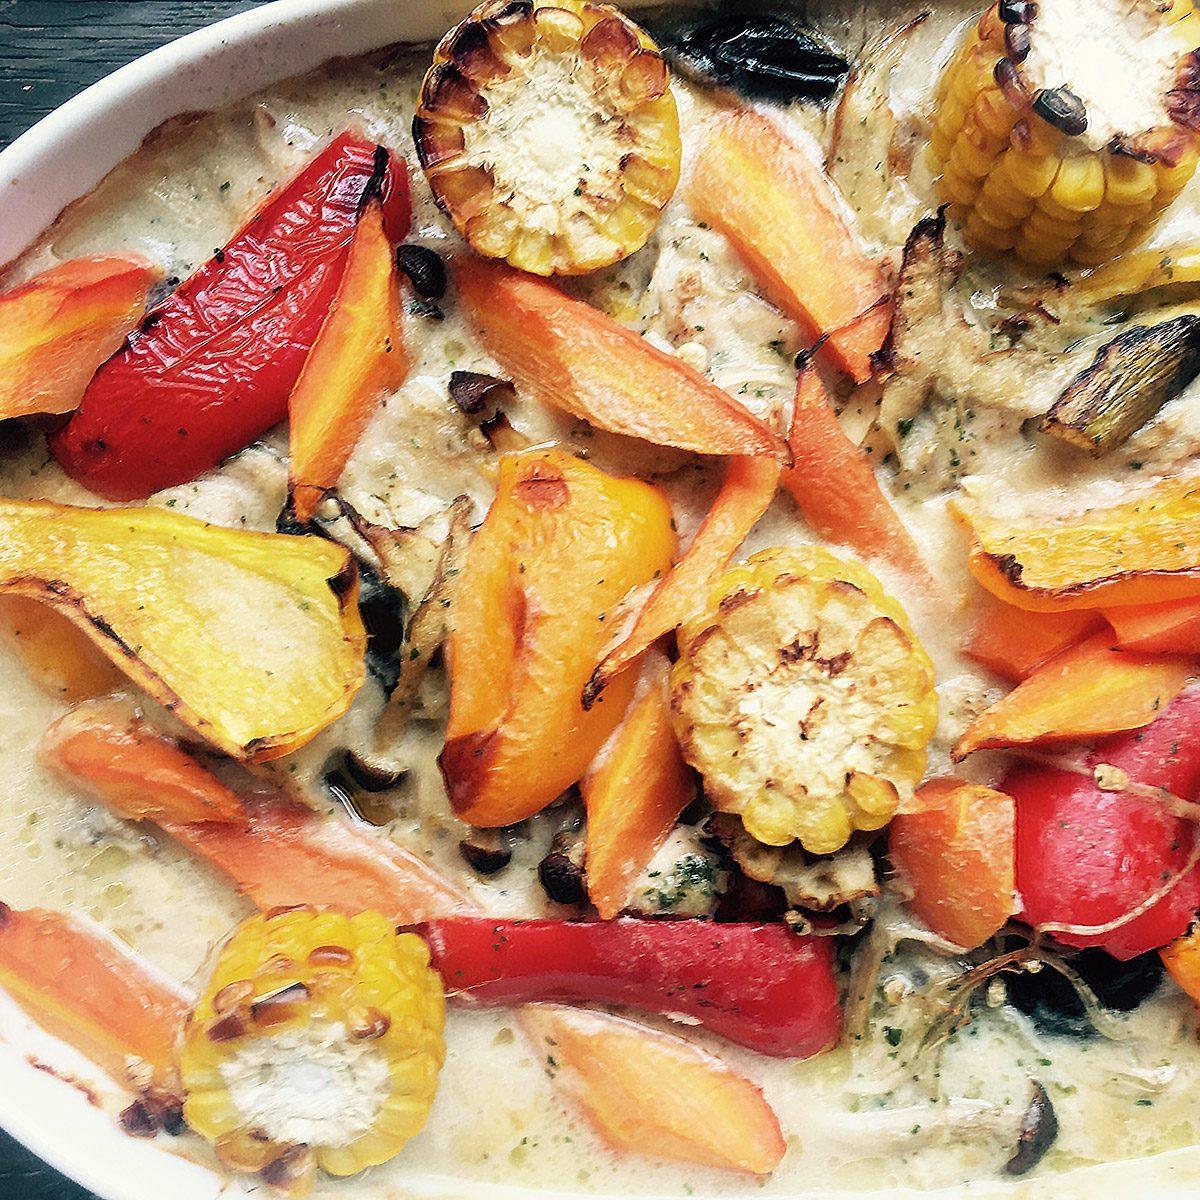 ちしお廻るセピア 夏野菜鶏肉の豆乳グラタン